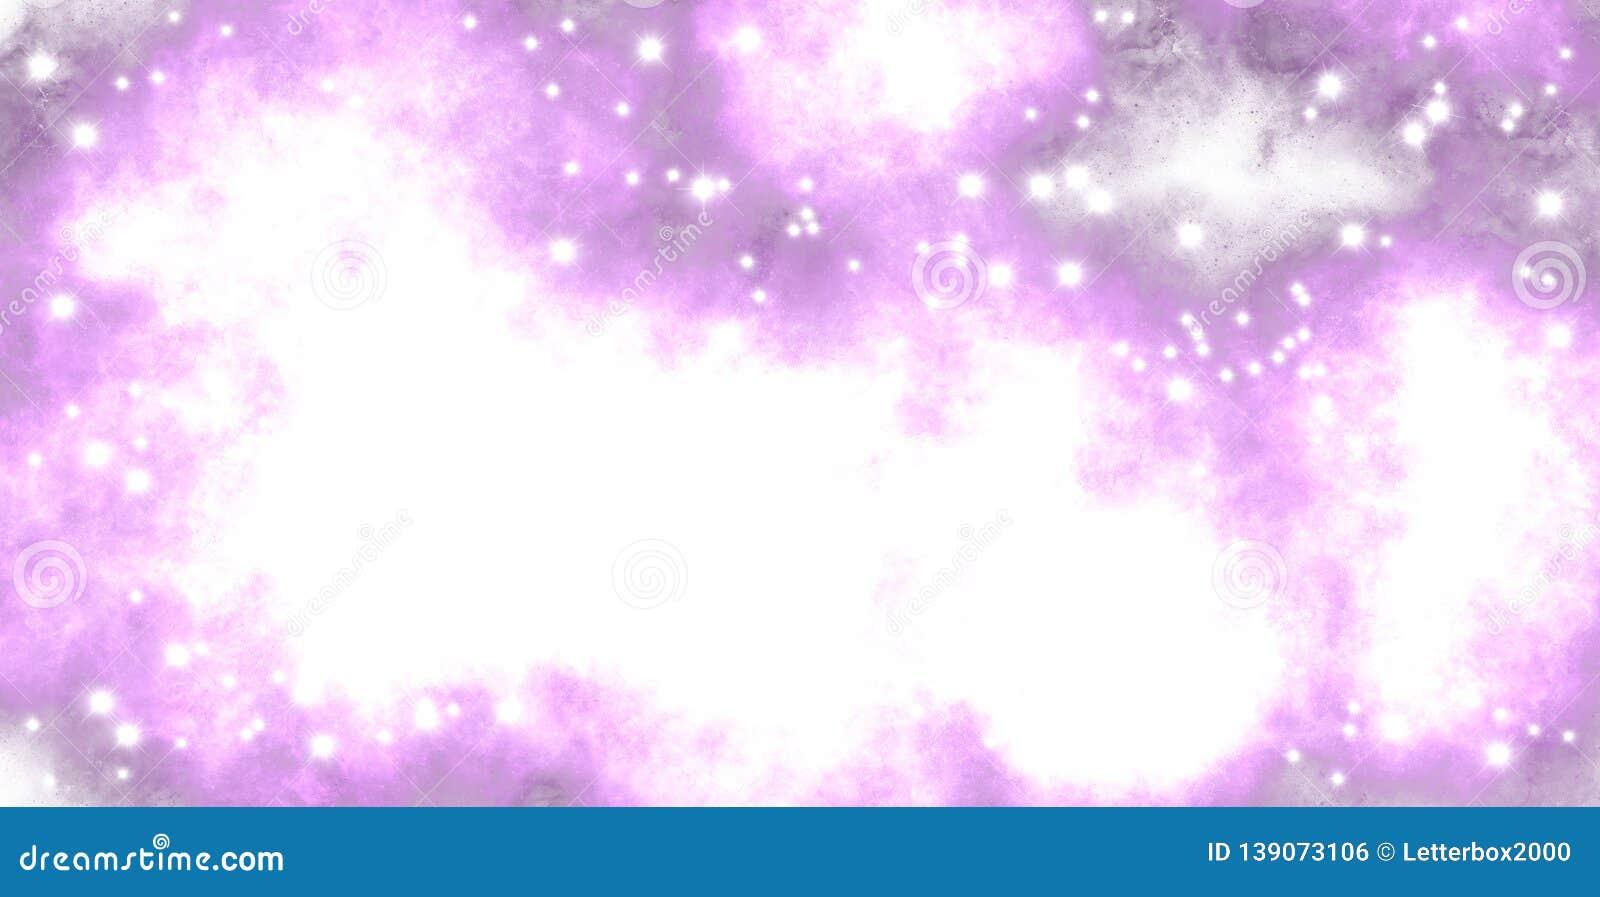 розовый помох, звезды космоса сияющие